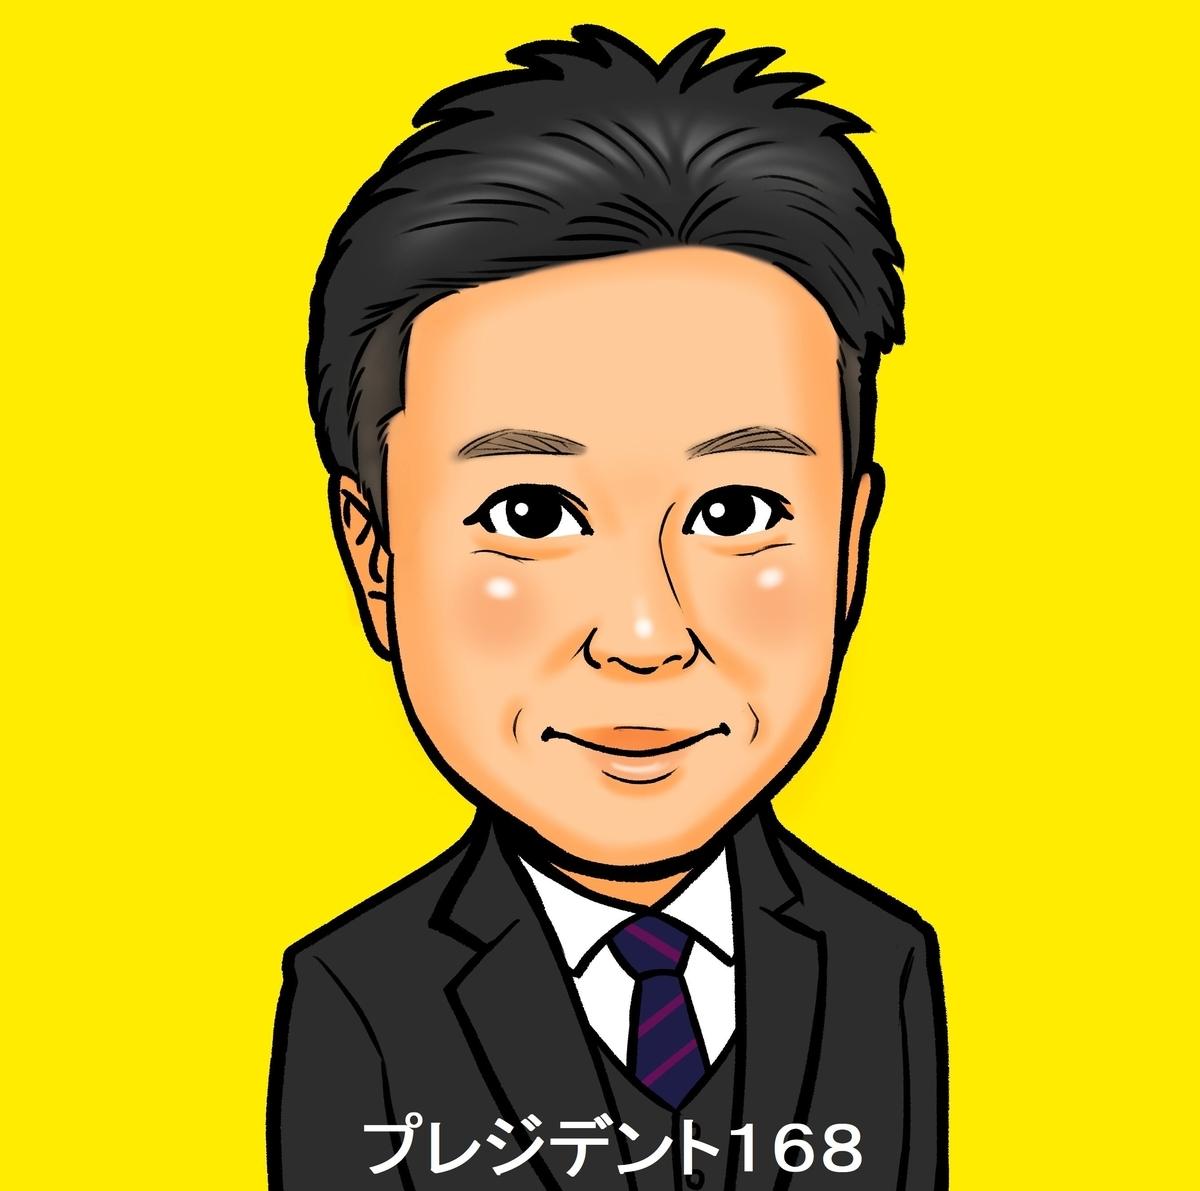 f:id:President168:20200806142010j:plain